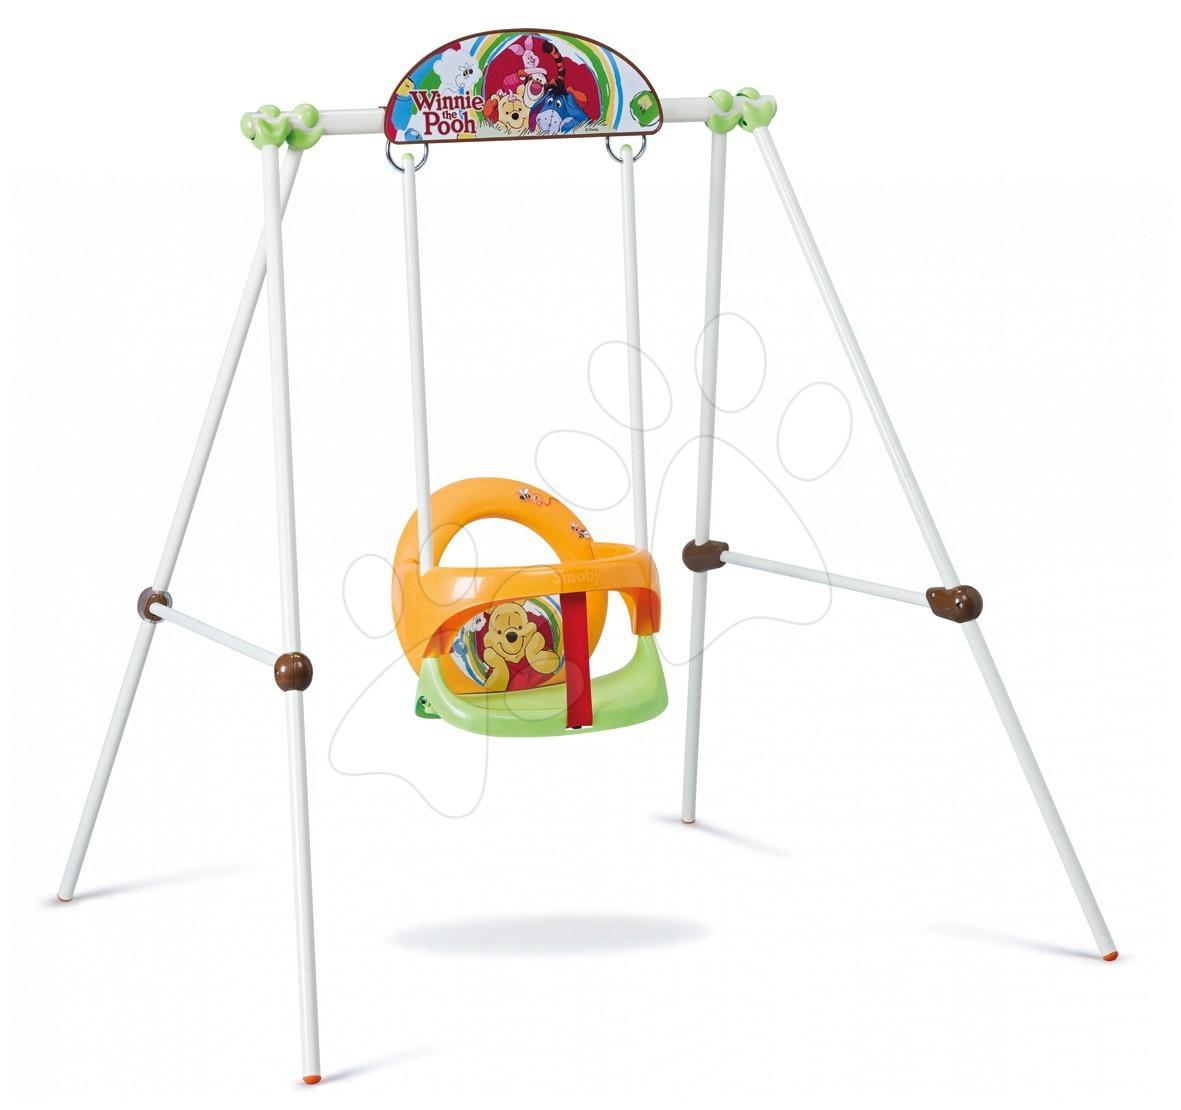 Dětské houpačky - Houpačka Medvídek Pú Baby Smoby s kovovou konstrukcí, s Uvfiltrem od 6 měsíců